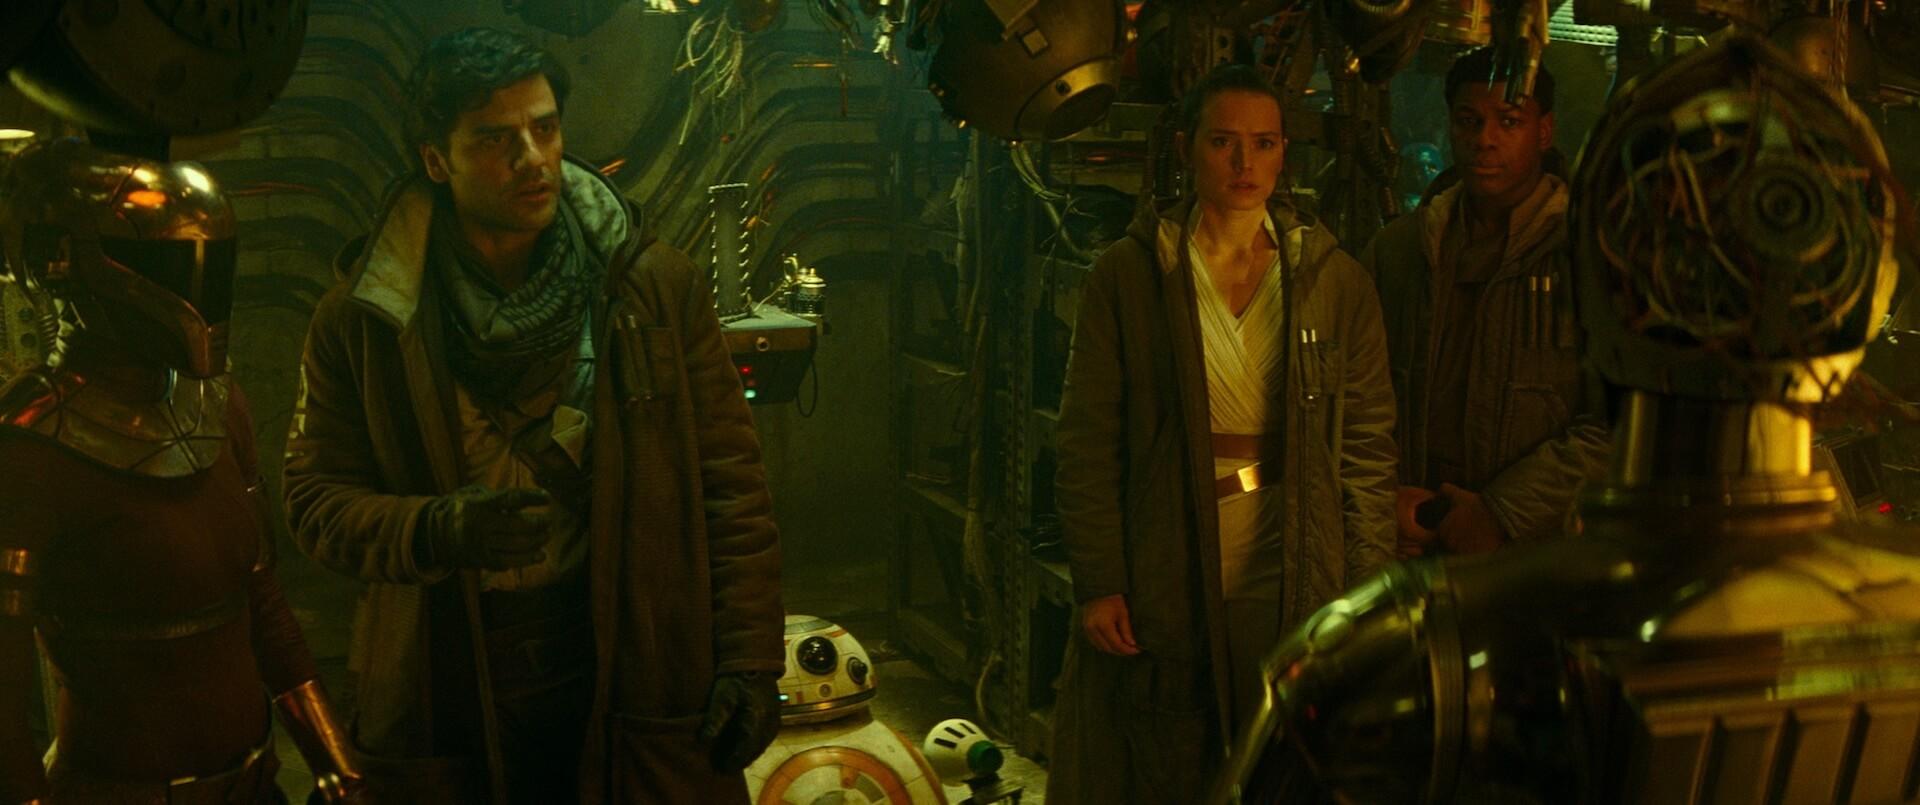 さようなら、C-3PO...『スター・ウォーズ/スカイウォーカーの夜明け』感動の吹替版本編シーンが解禁 film200129_starwars_1